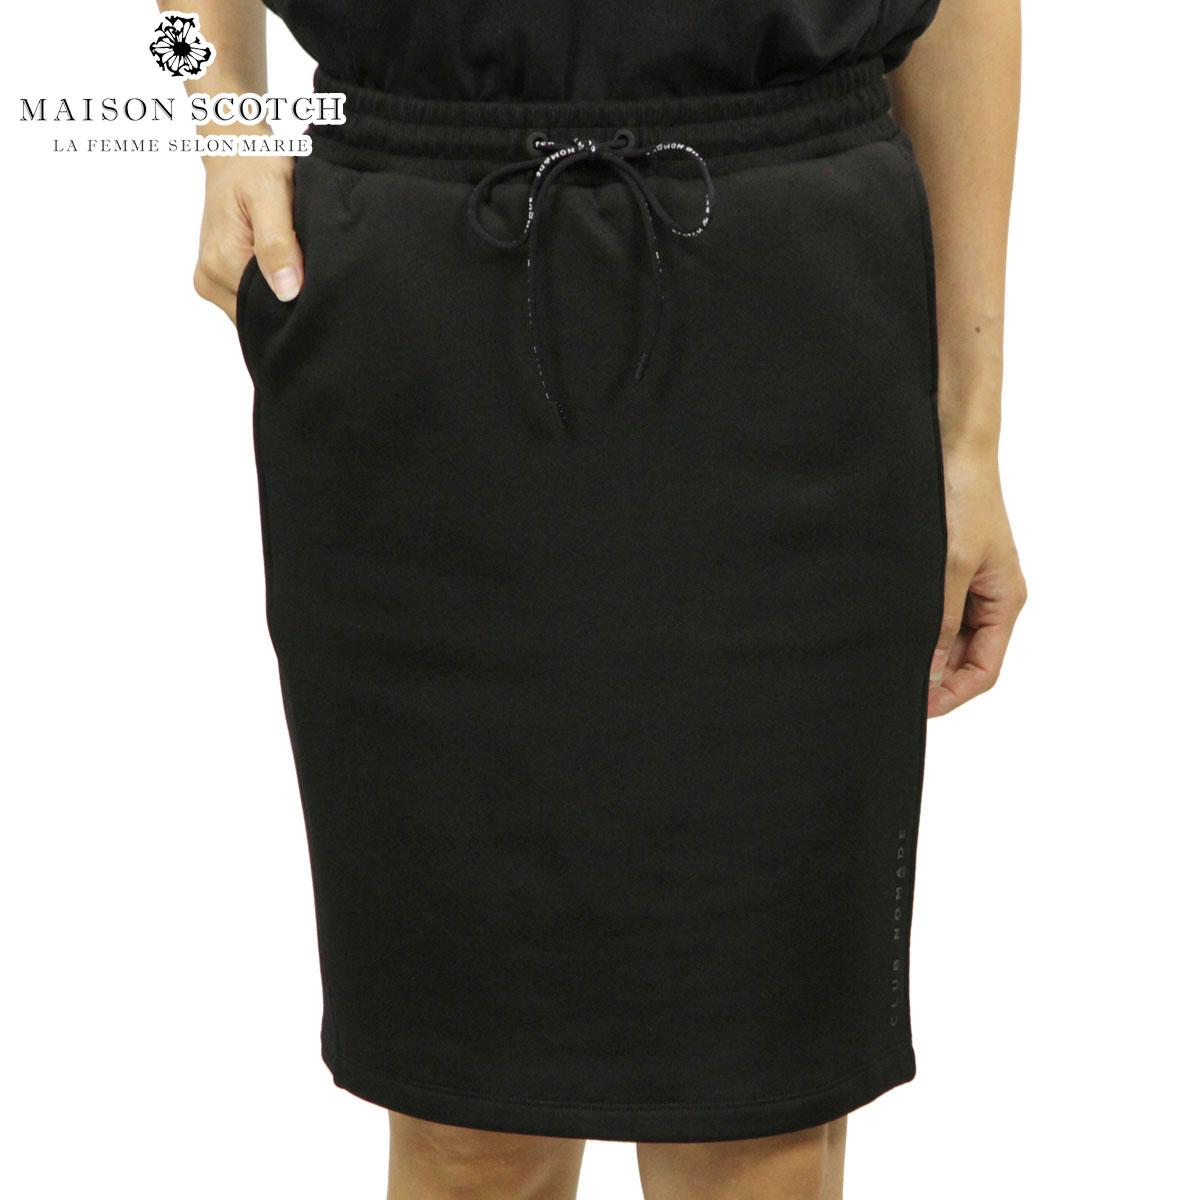 メゾンスコッチ MAISON SCOTCH 正規販売店 レディース スウェットスカート CLUB NOMADE SWEAT SKIRT 144591 08 61690 BLACK D